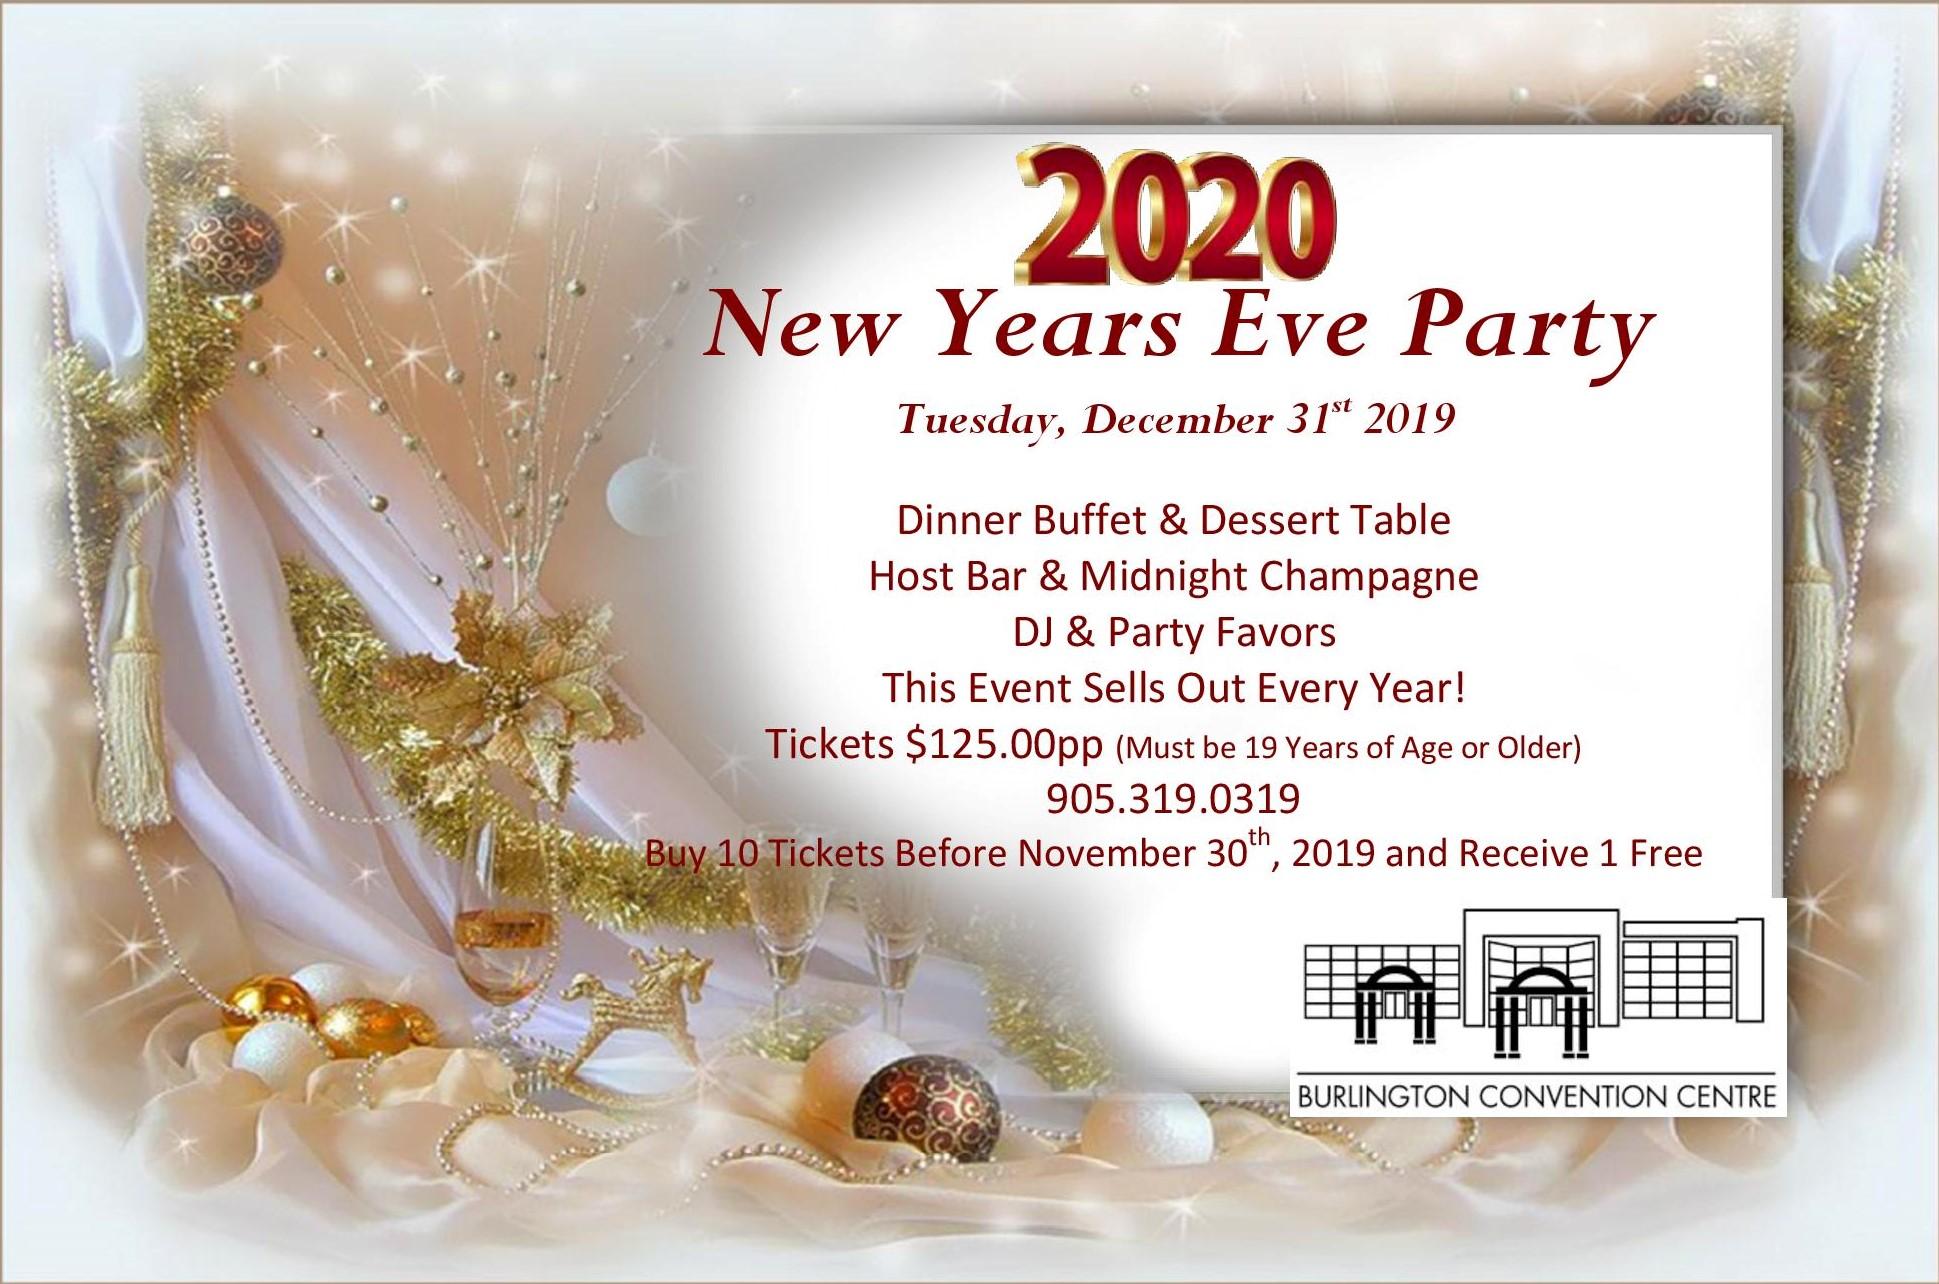 new years party gala 2020 in burlington oakville hamilton